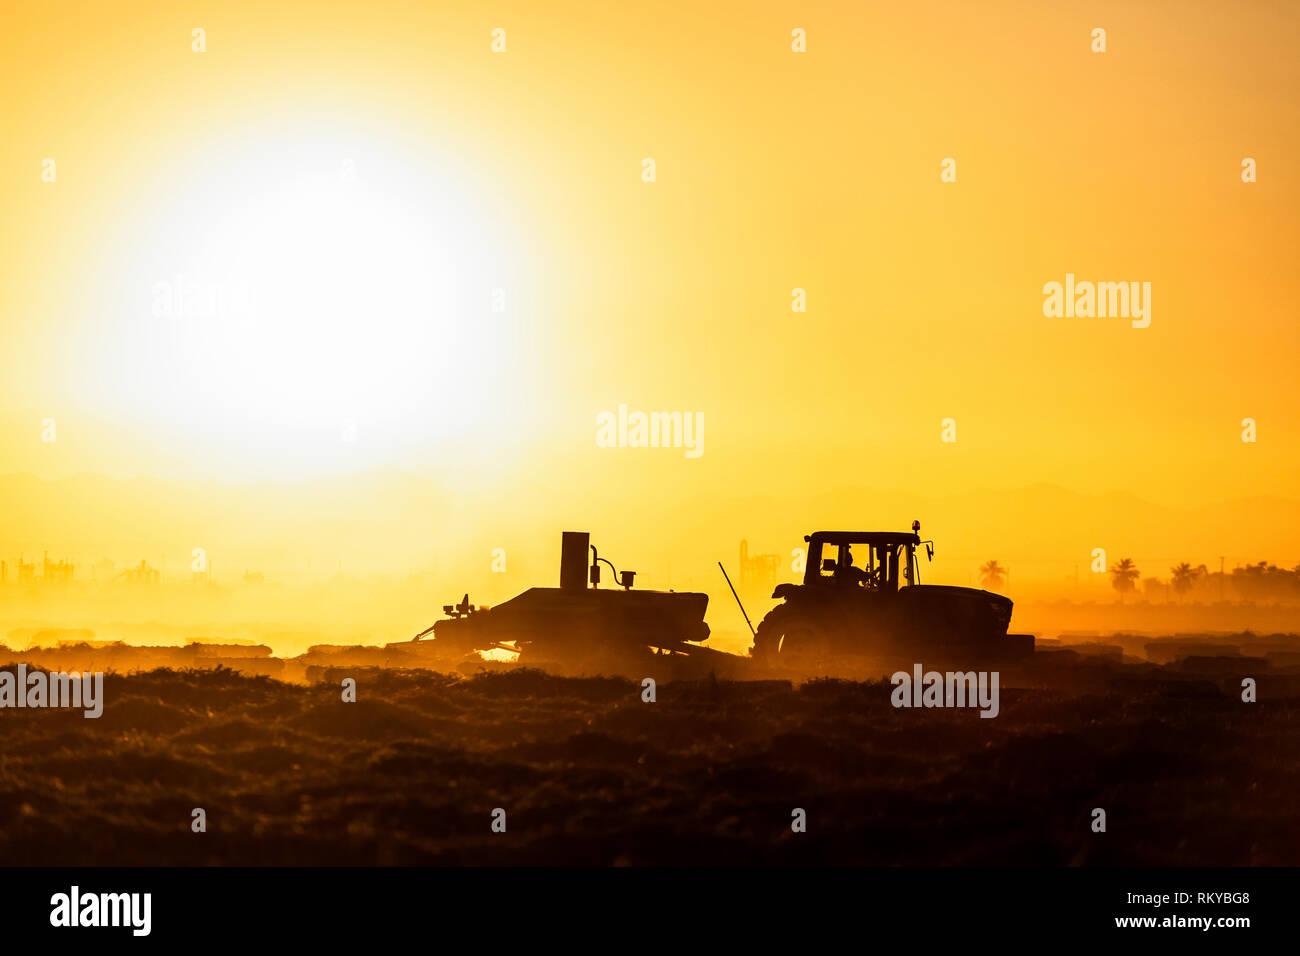 Plano amplio de la silueta de tractor agrícola al amanecer. Foto de stock